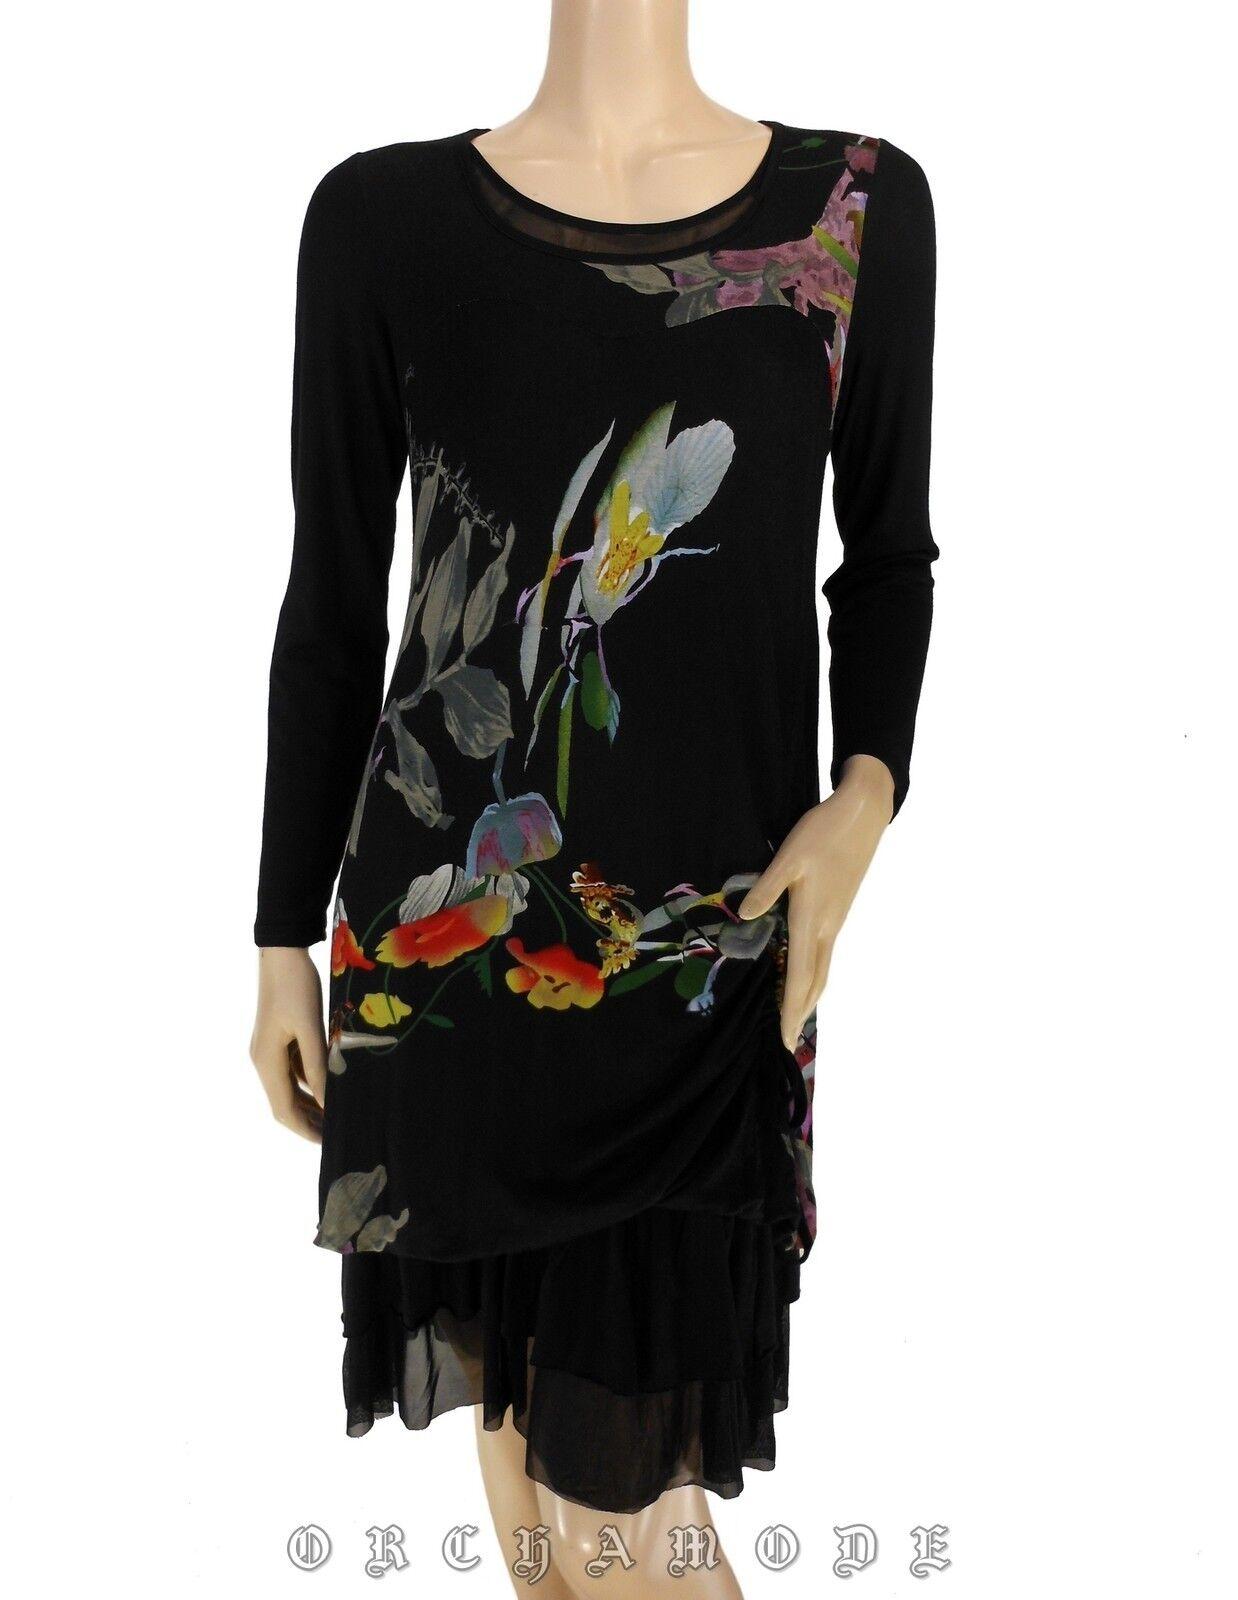 Robe ELLEA T 38 M 2 Floral Volant Manche Doublé Tunique NEUF Dress Kleid Vestido